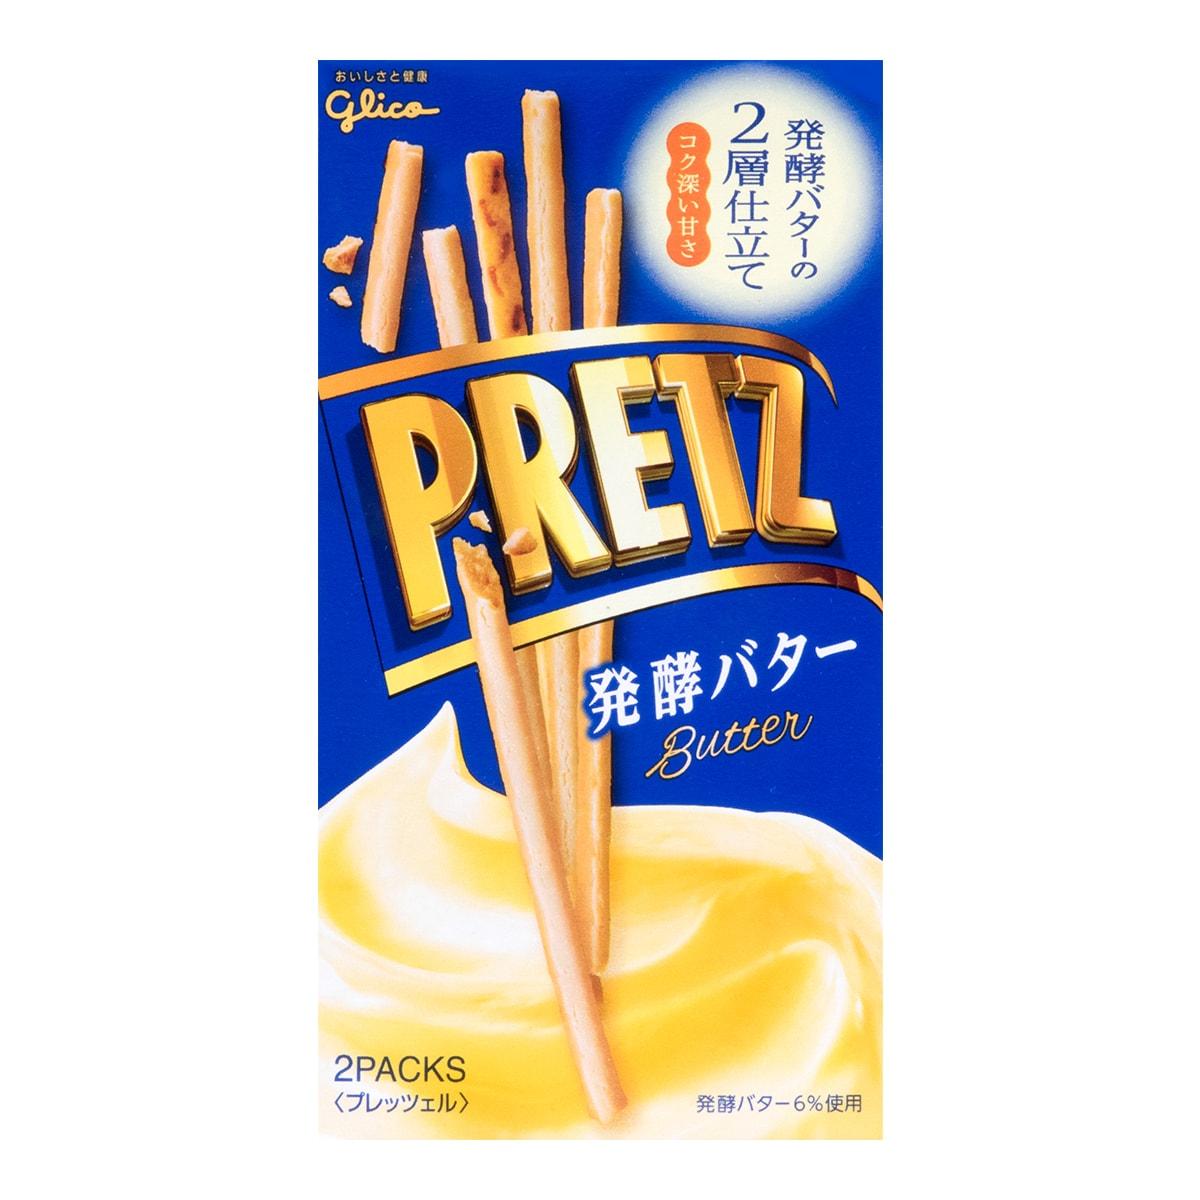 日本GLICO格力高 PRETZ百力滋 发酵黄油饼干棒 2包入 60g